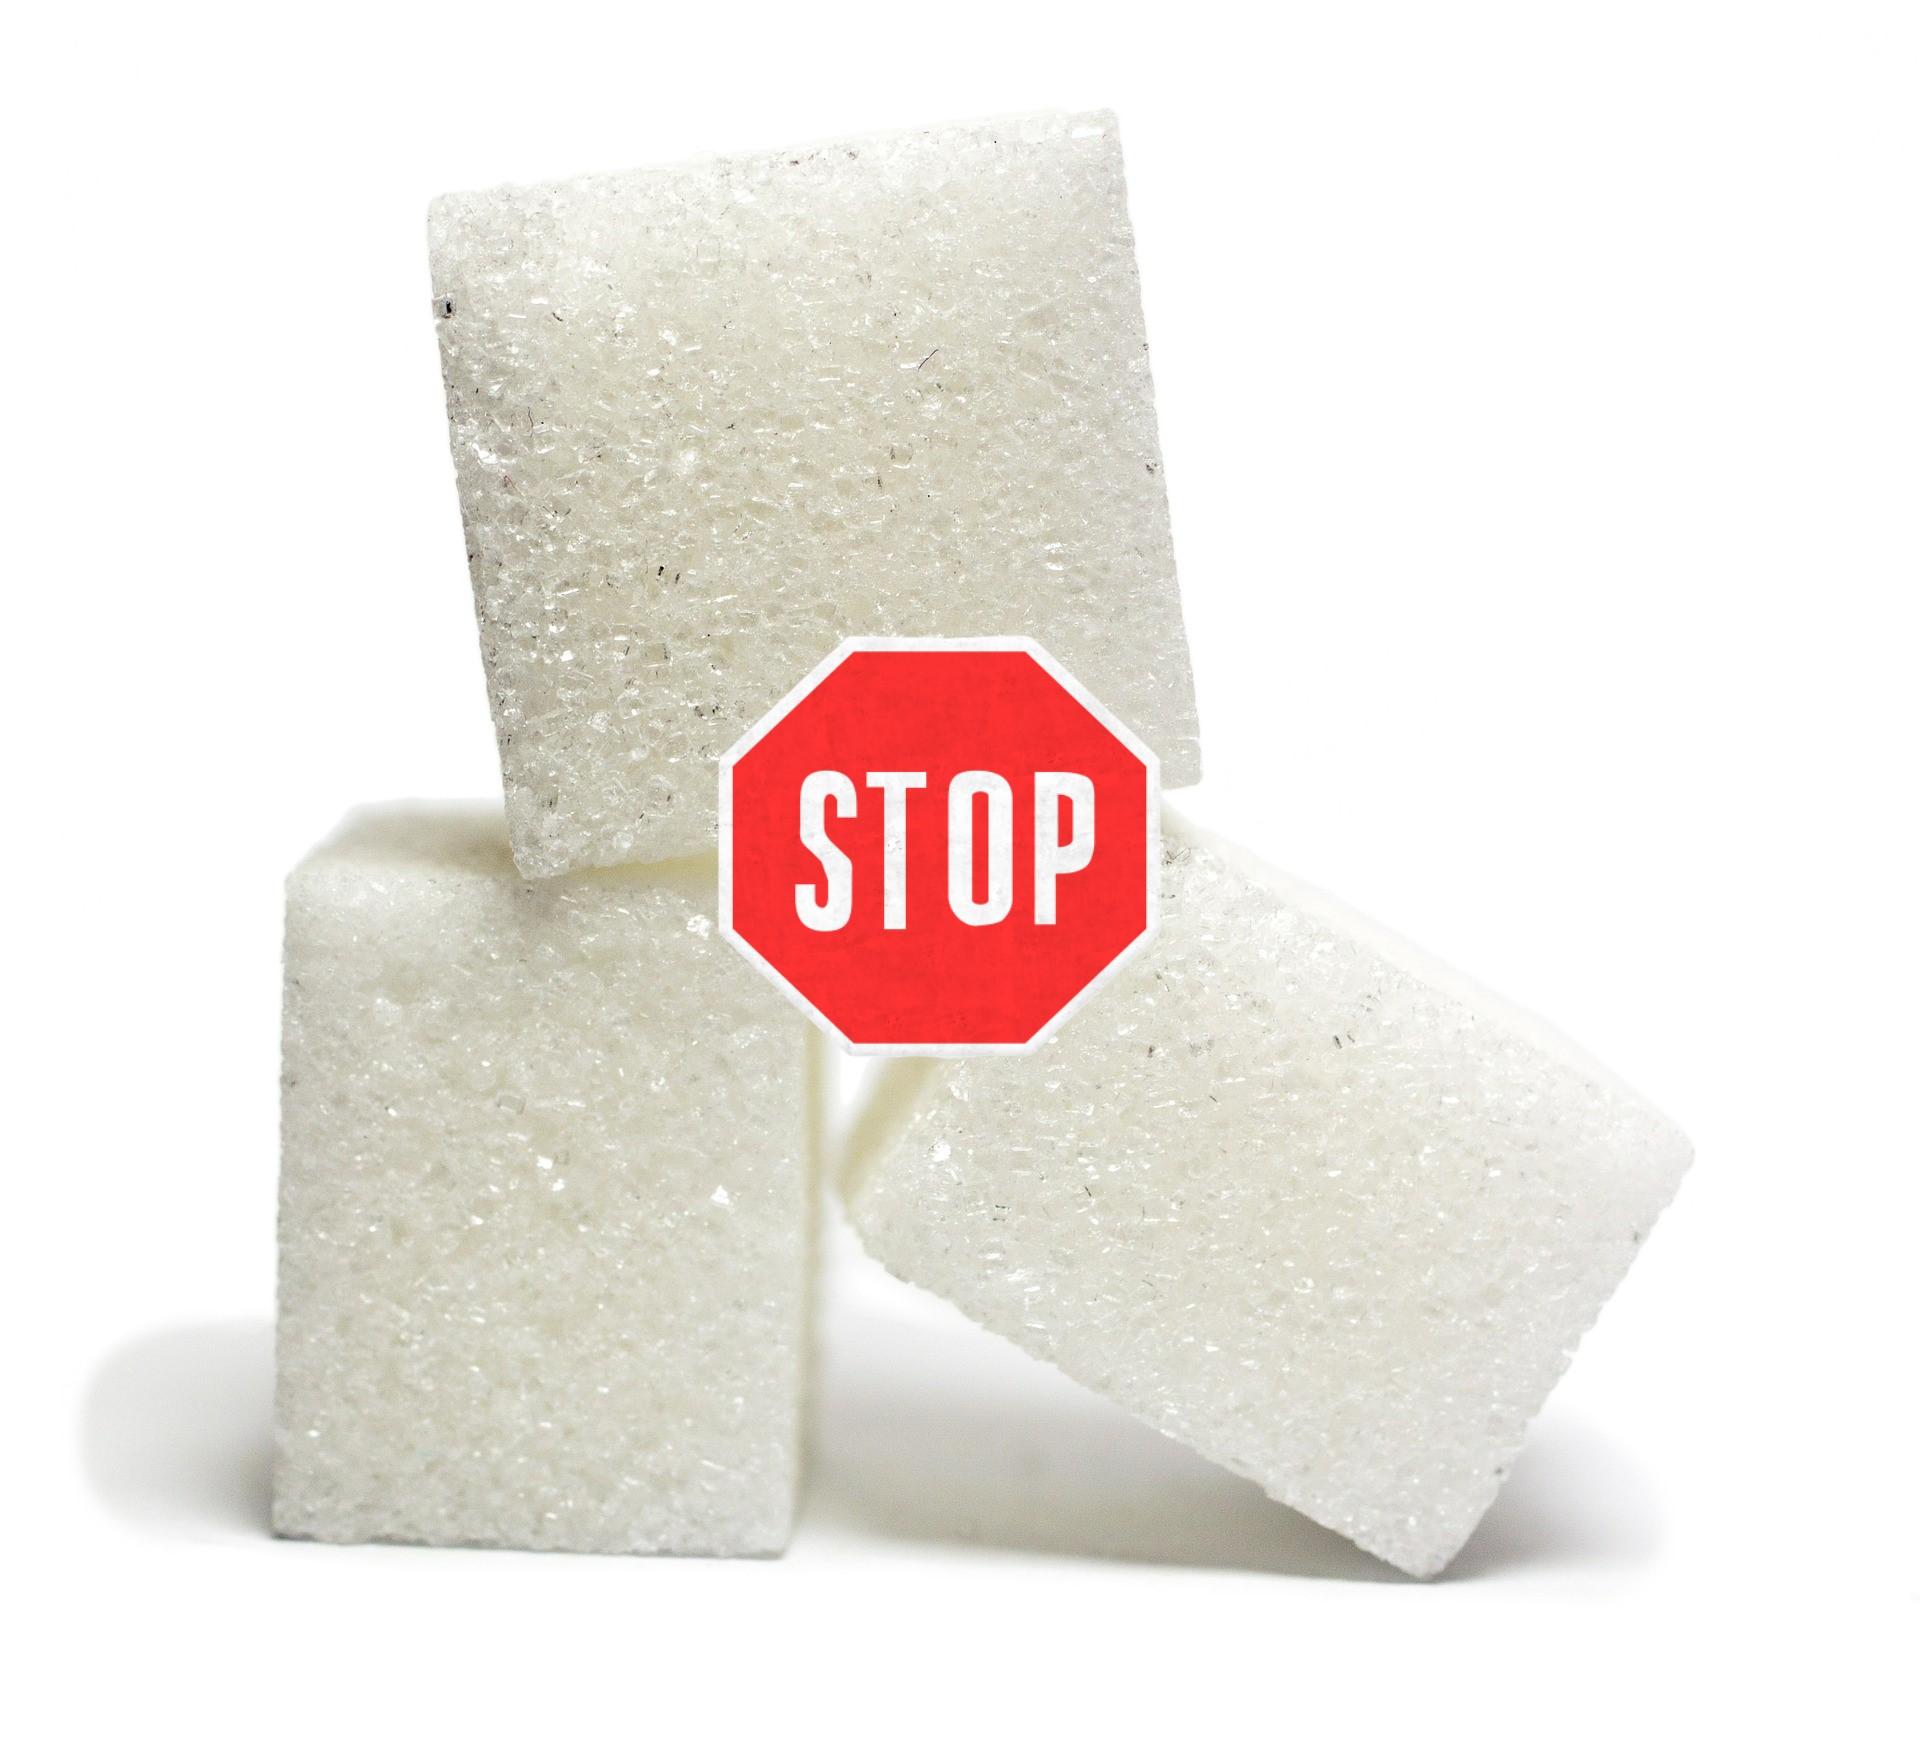 Arrêter le sucre : comment arrêter le sucre ?